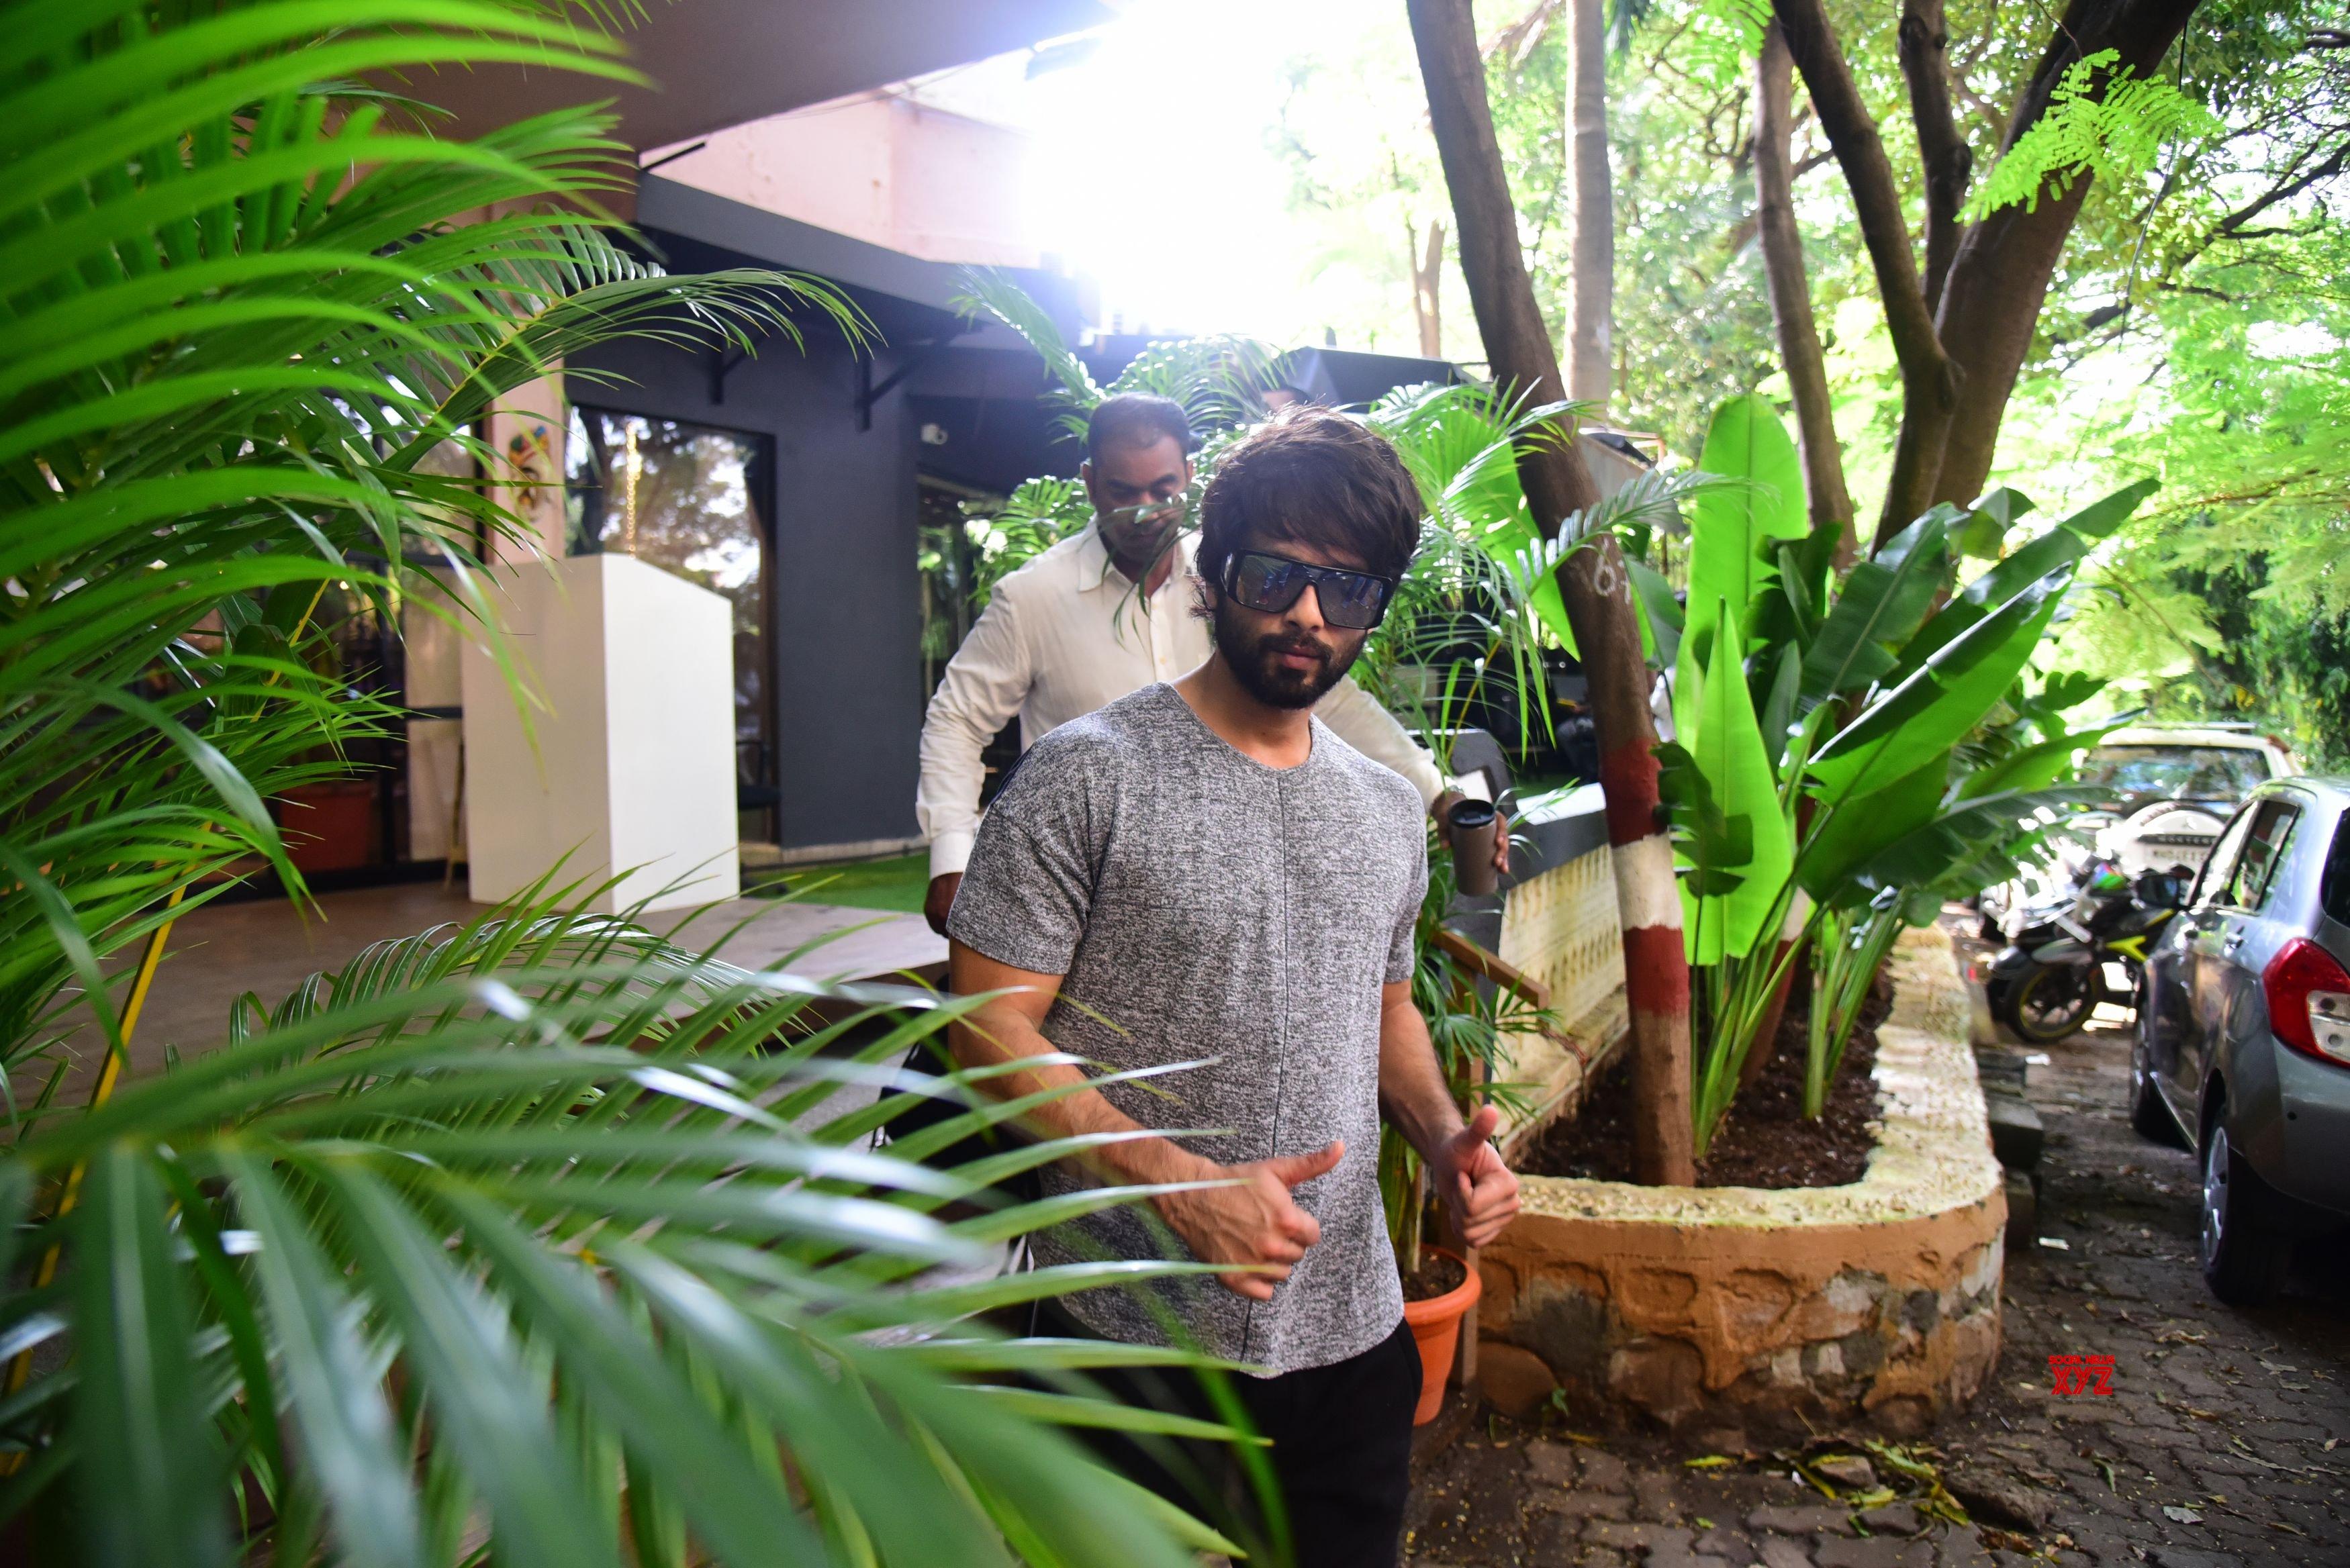 Tara Sutaria And Shahid Kapoor Spotted At Bandra - Gallery